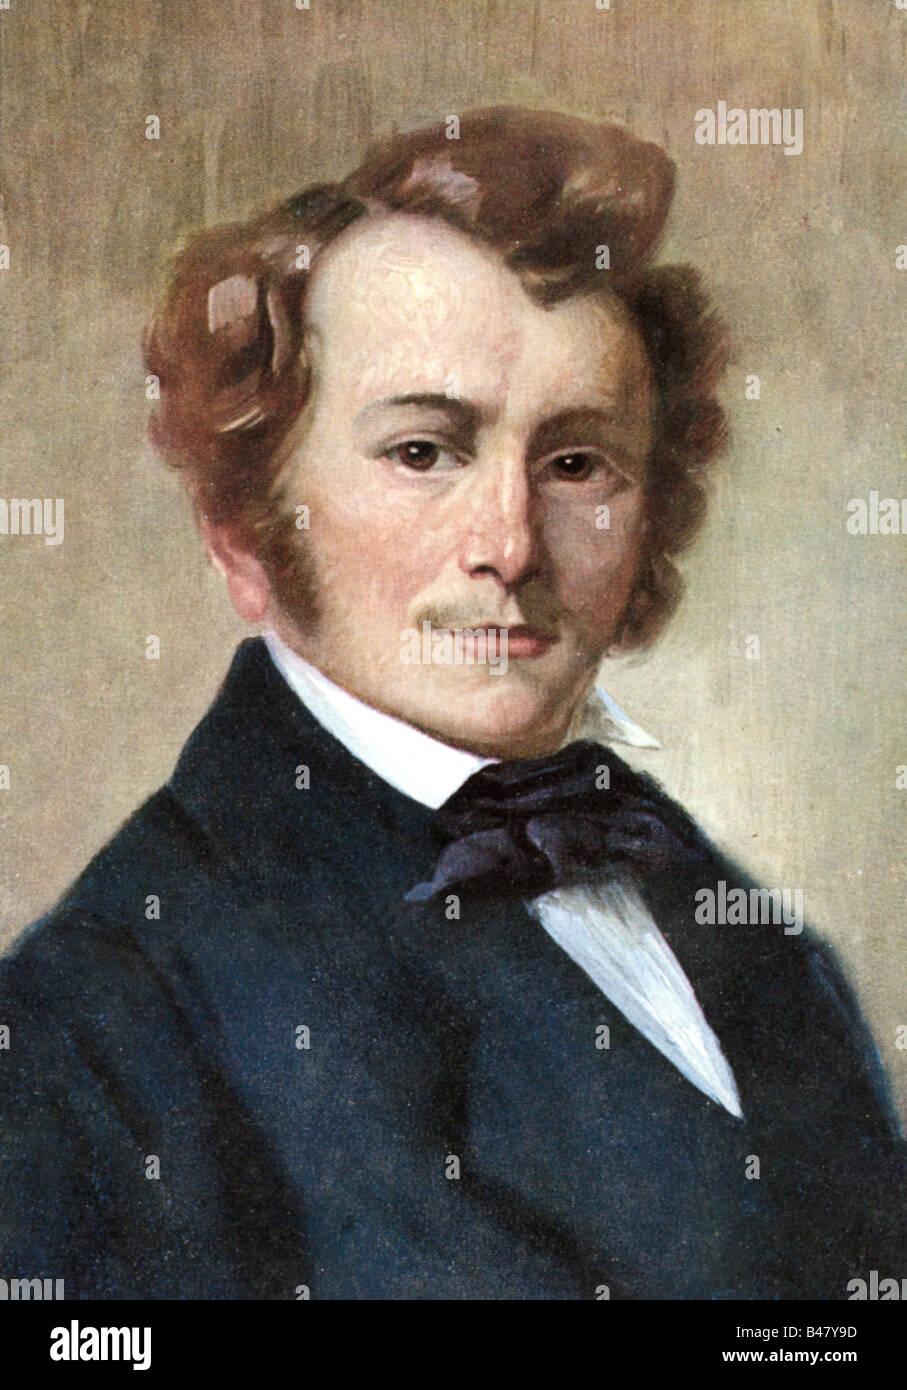 Lortzing, Albert, 23.10.1801 - 21.01.1851, del compositore tedesco, ritratto dipinto da Robert Einhorn, circa 1910, Foto Stock